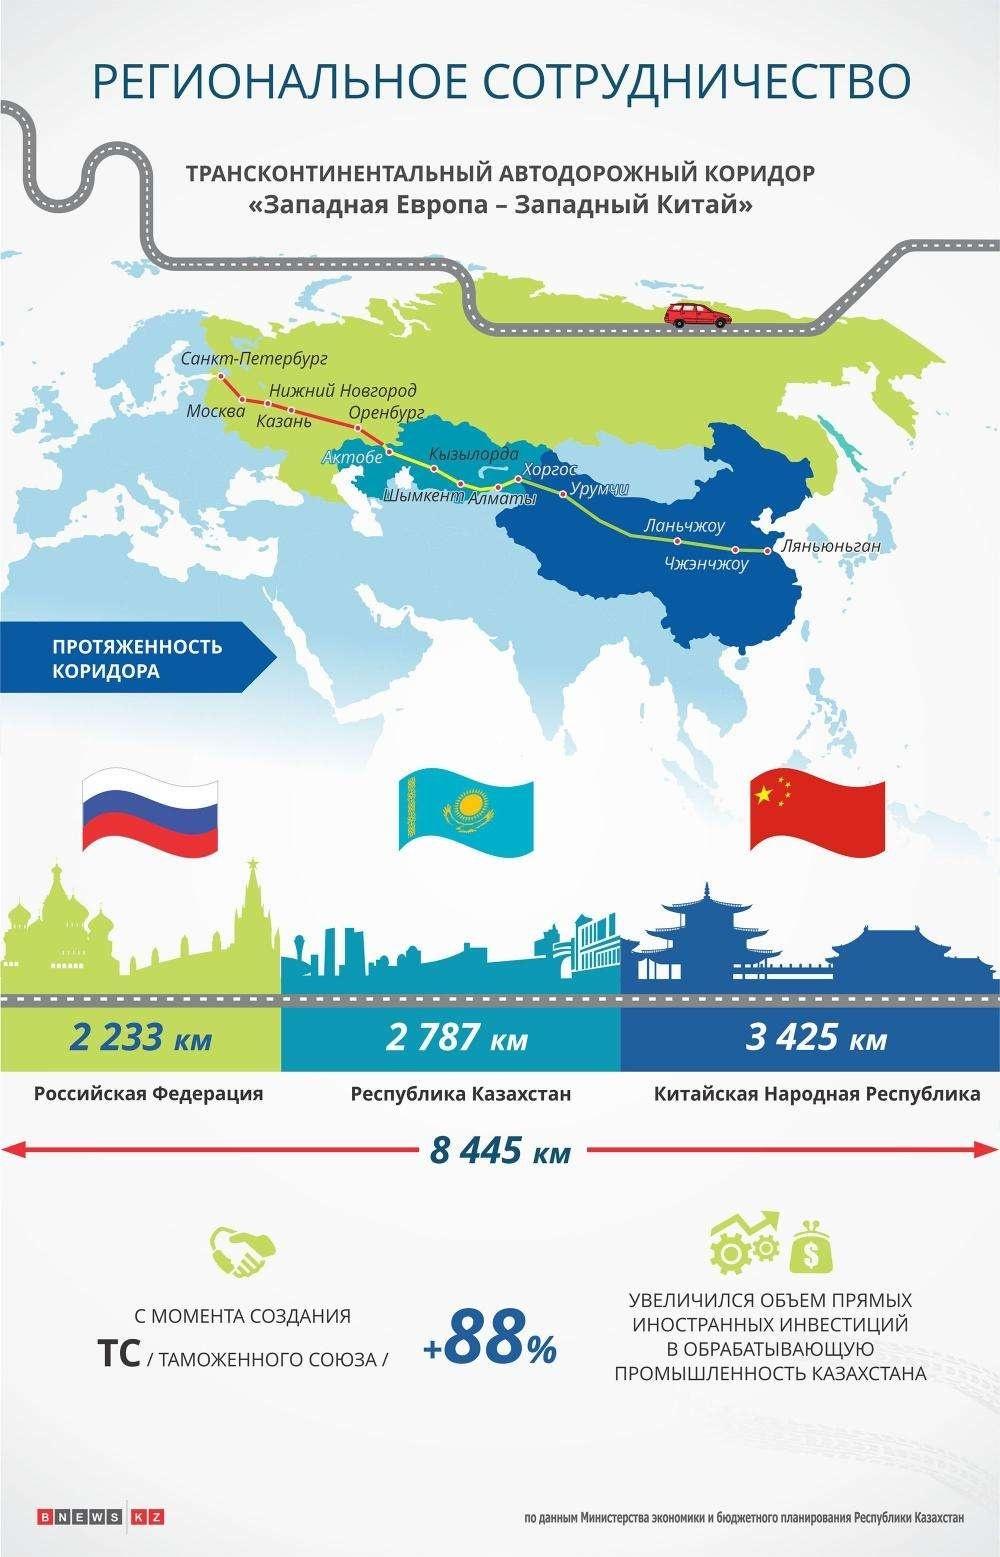 Власти ожидают увеличения транспортного потока до 3,5 млн тонн груза в год